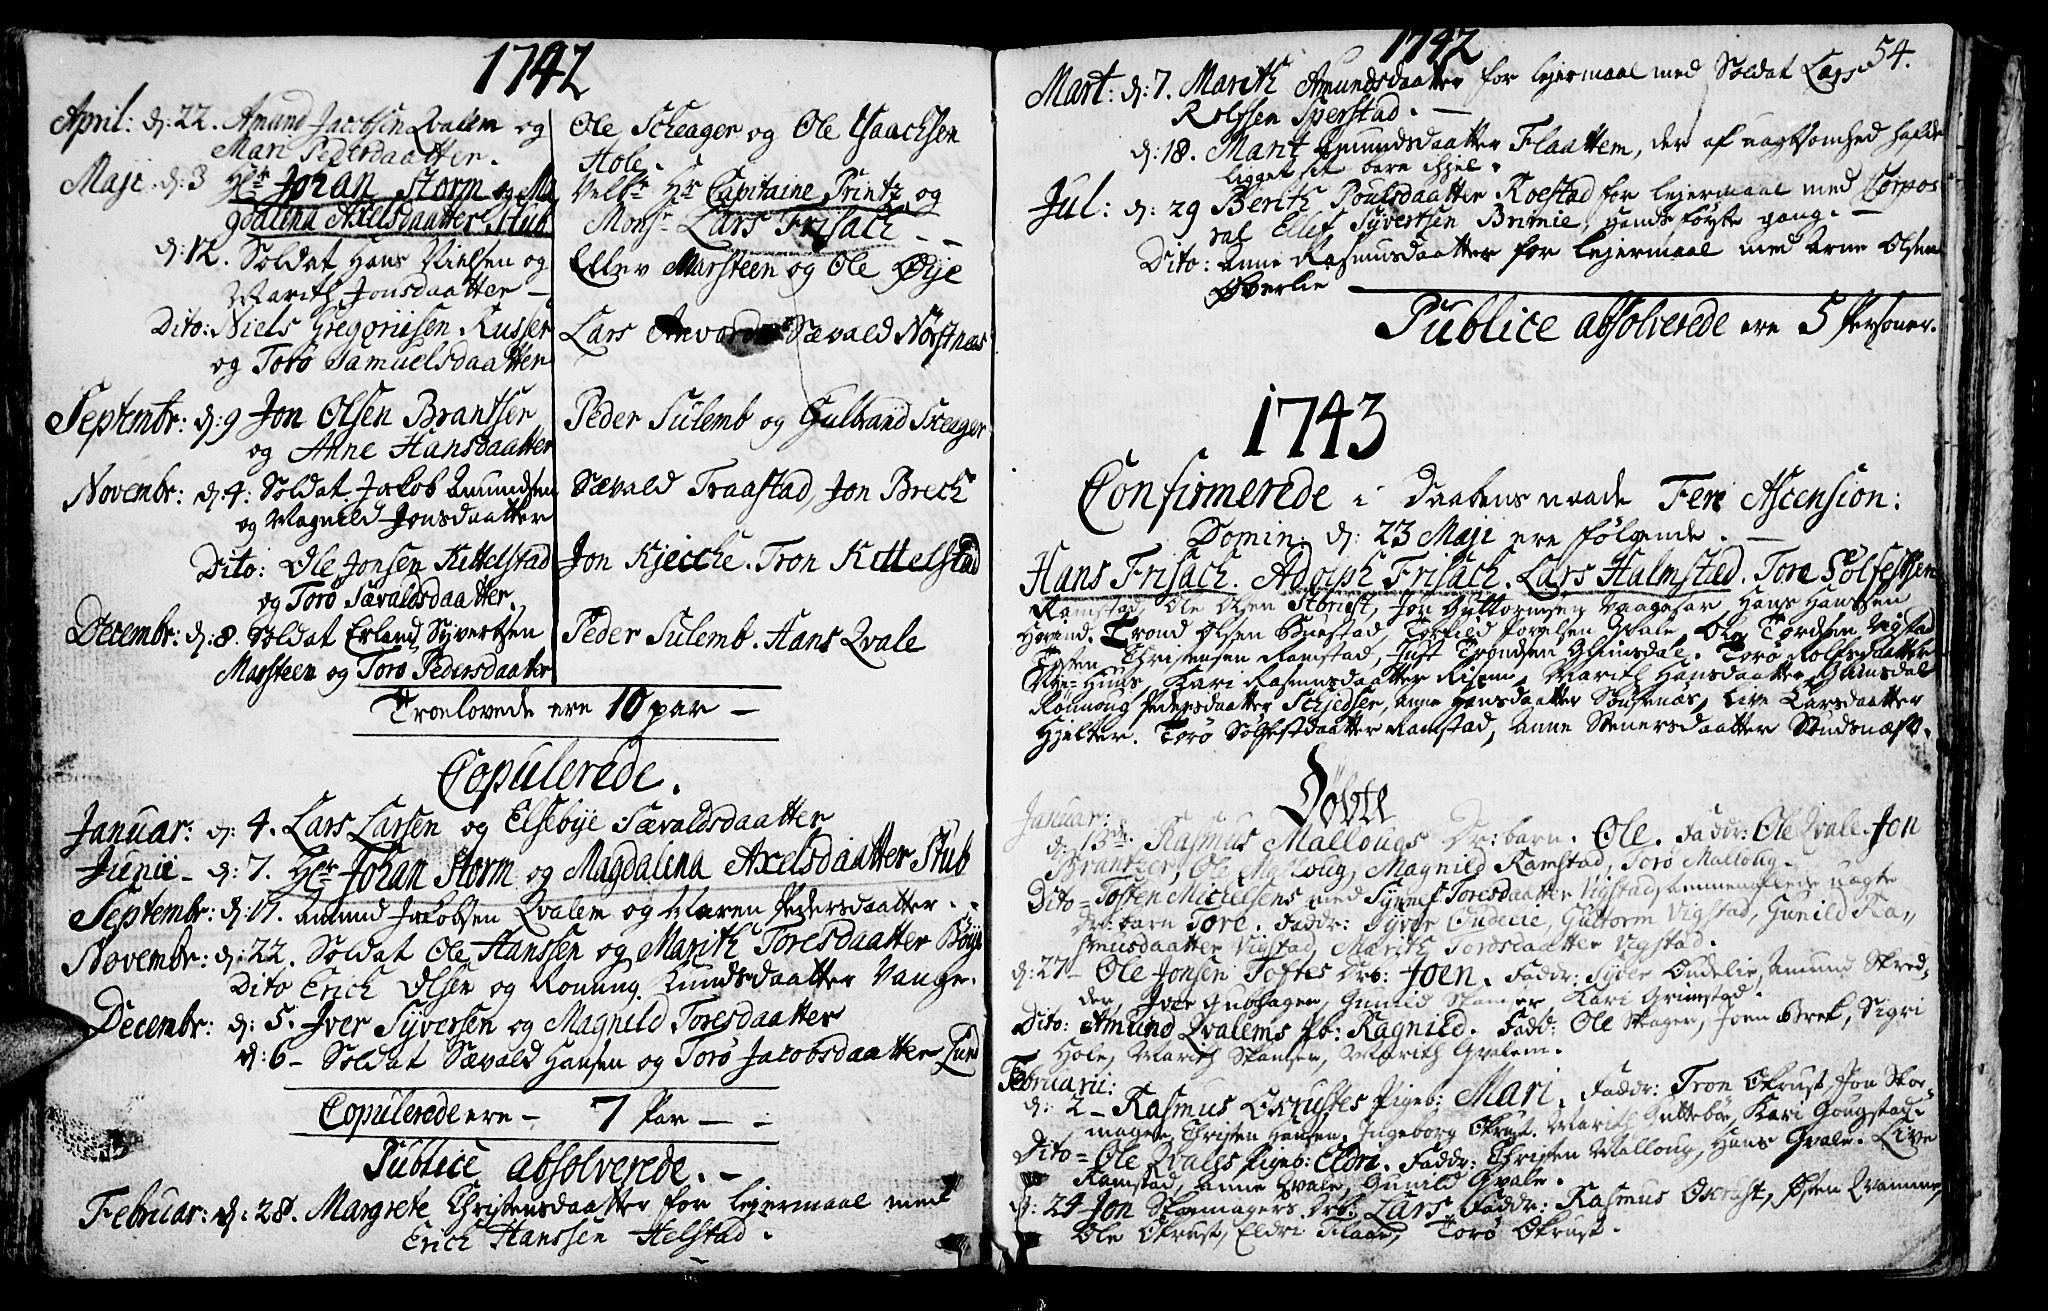 SAH, Lom prestekontor, K/L0001: Ministerialbok nr. 1, 1733-1748, s. 54